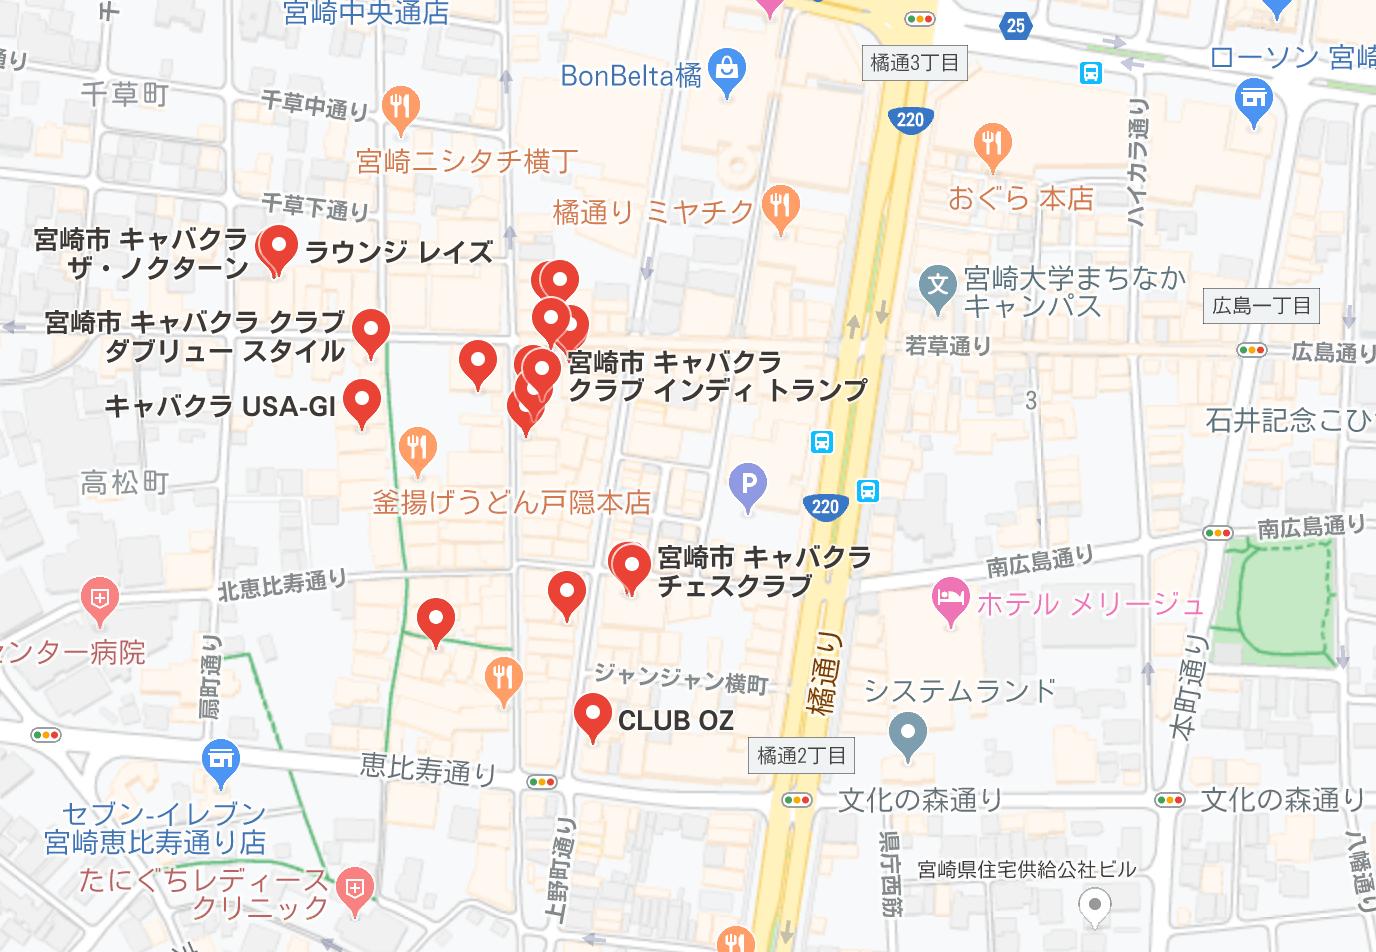 宮崎市 キャバクラ